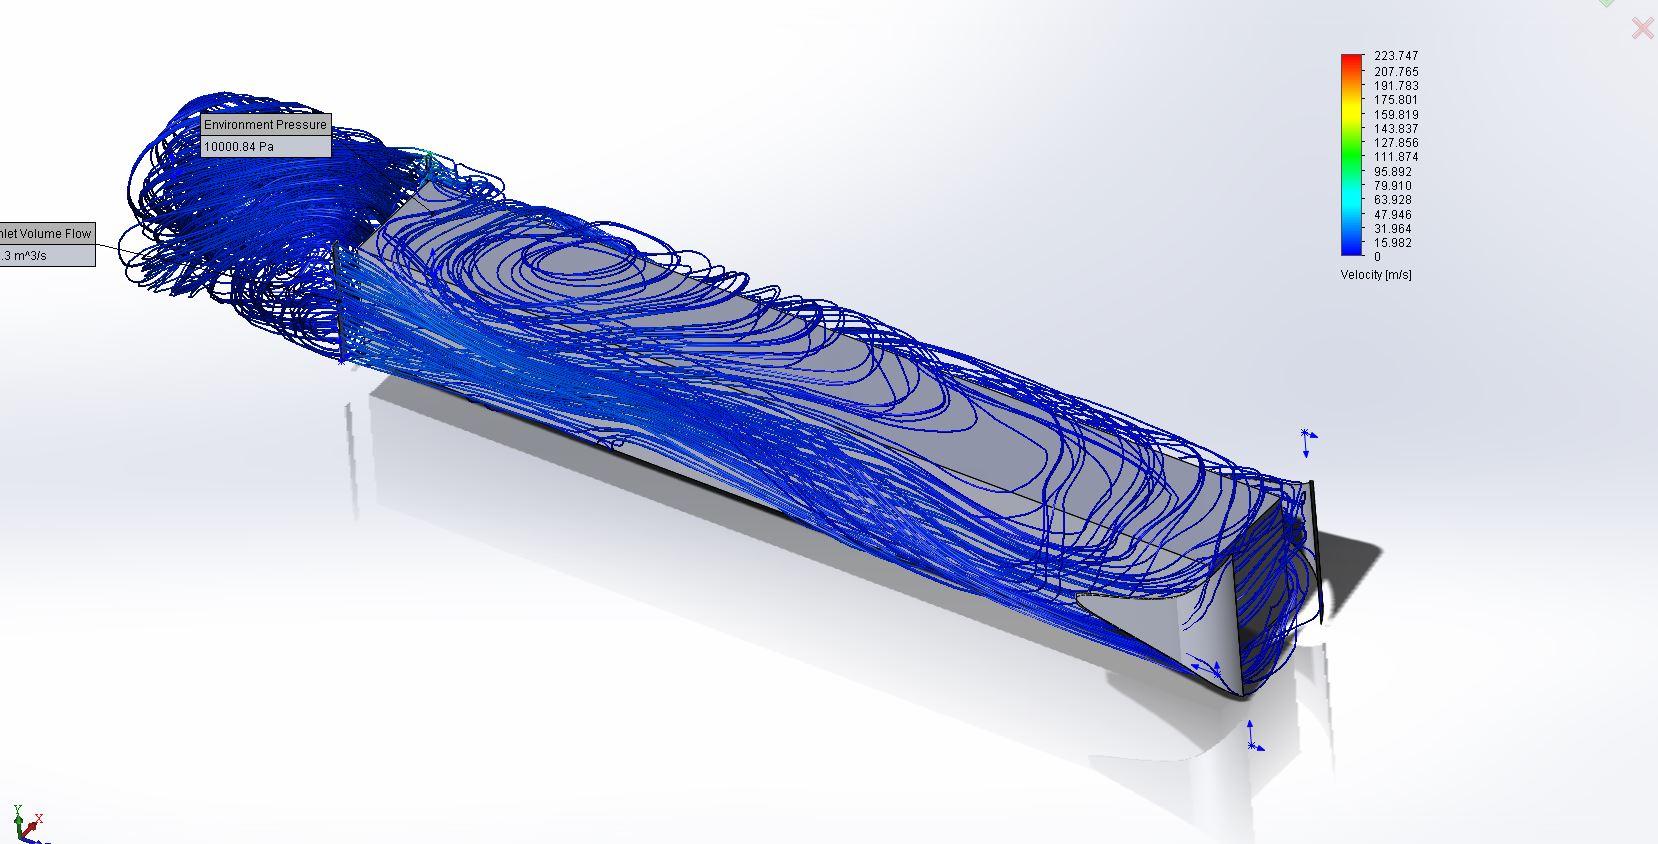 Исследование движения воздушных потоков в спроектированной печи